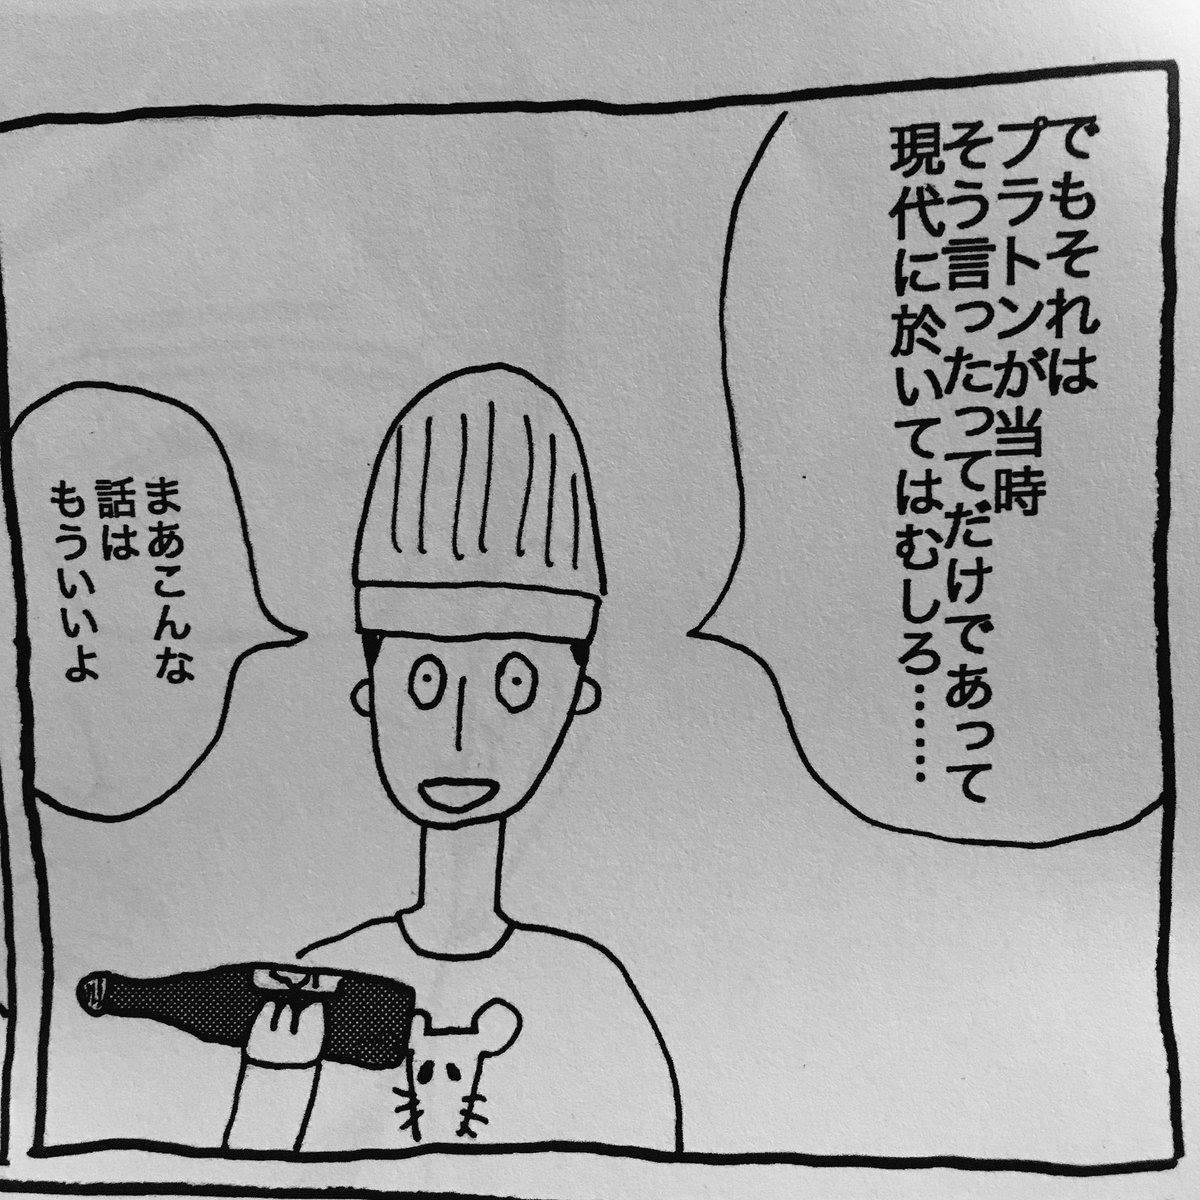 昔爆破アンソロに寄稿した漫画出てきた(爆破アンソロって何?)